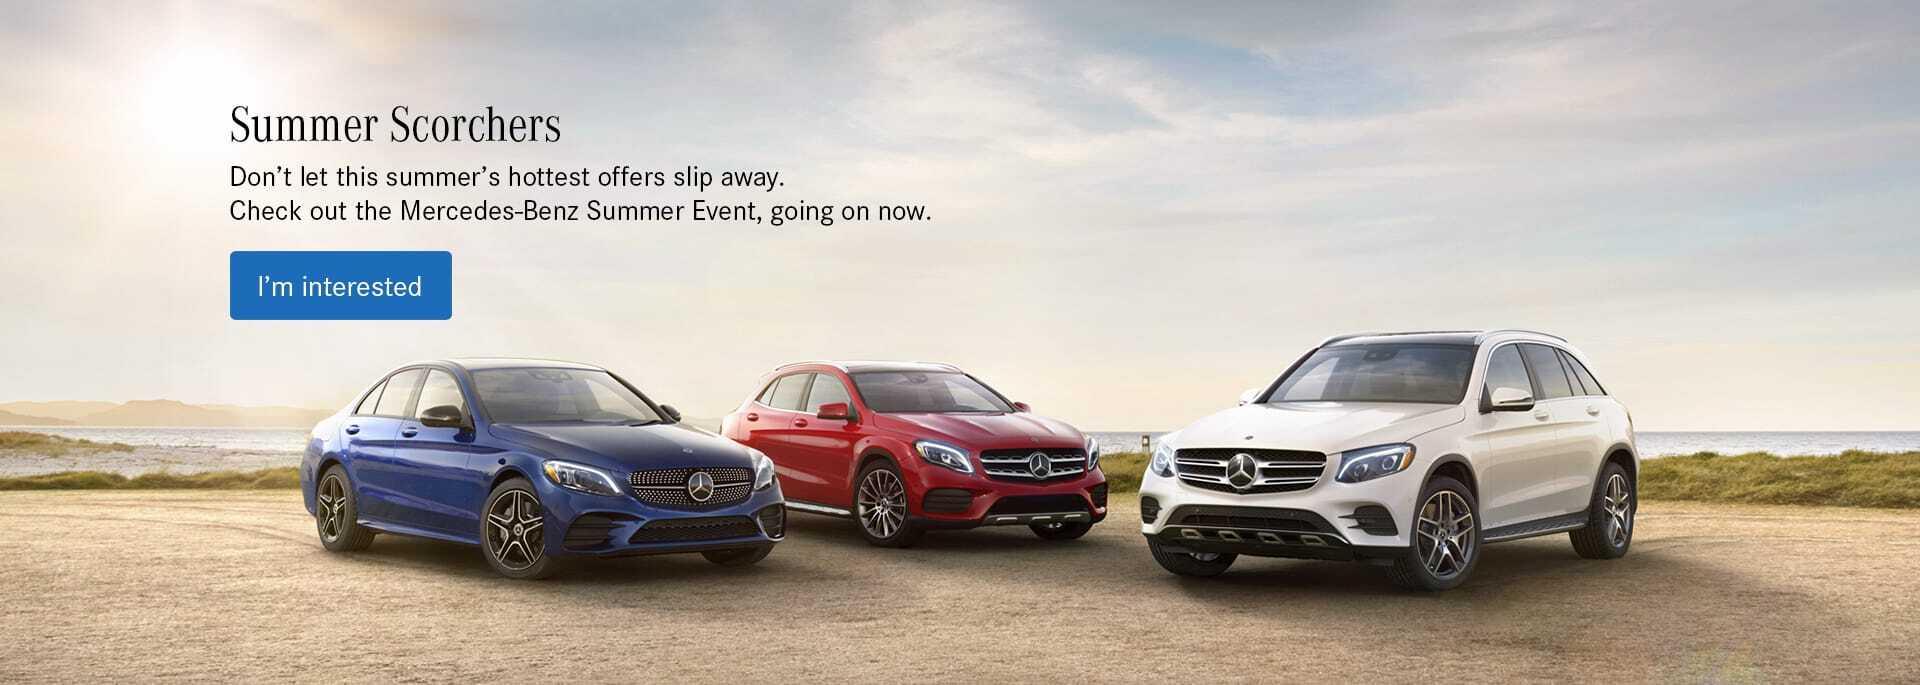 Mercedes Benz Of Morristown >> Mercedes Benz Dealership Morristown Nj Used Cars Mercedes Benz Of